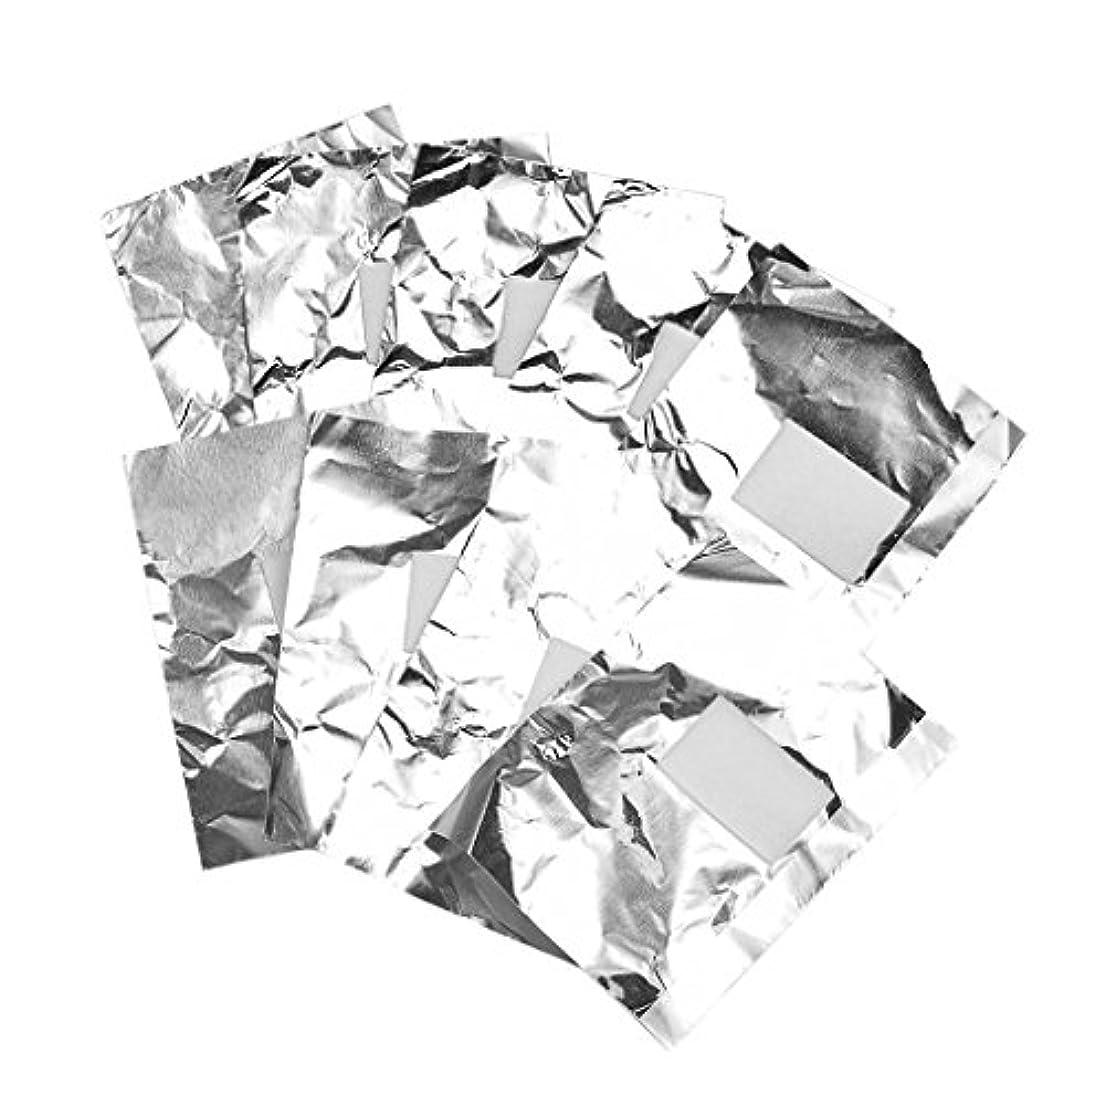 偽造収縮負Kesoto 約100枚 ジェル除却 ネイルアート ネイル装飾除き 錫箔紙 ネイルオイル 包み紙 クリーナーツール